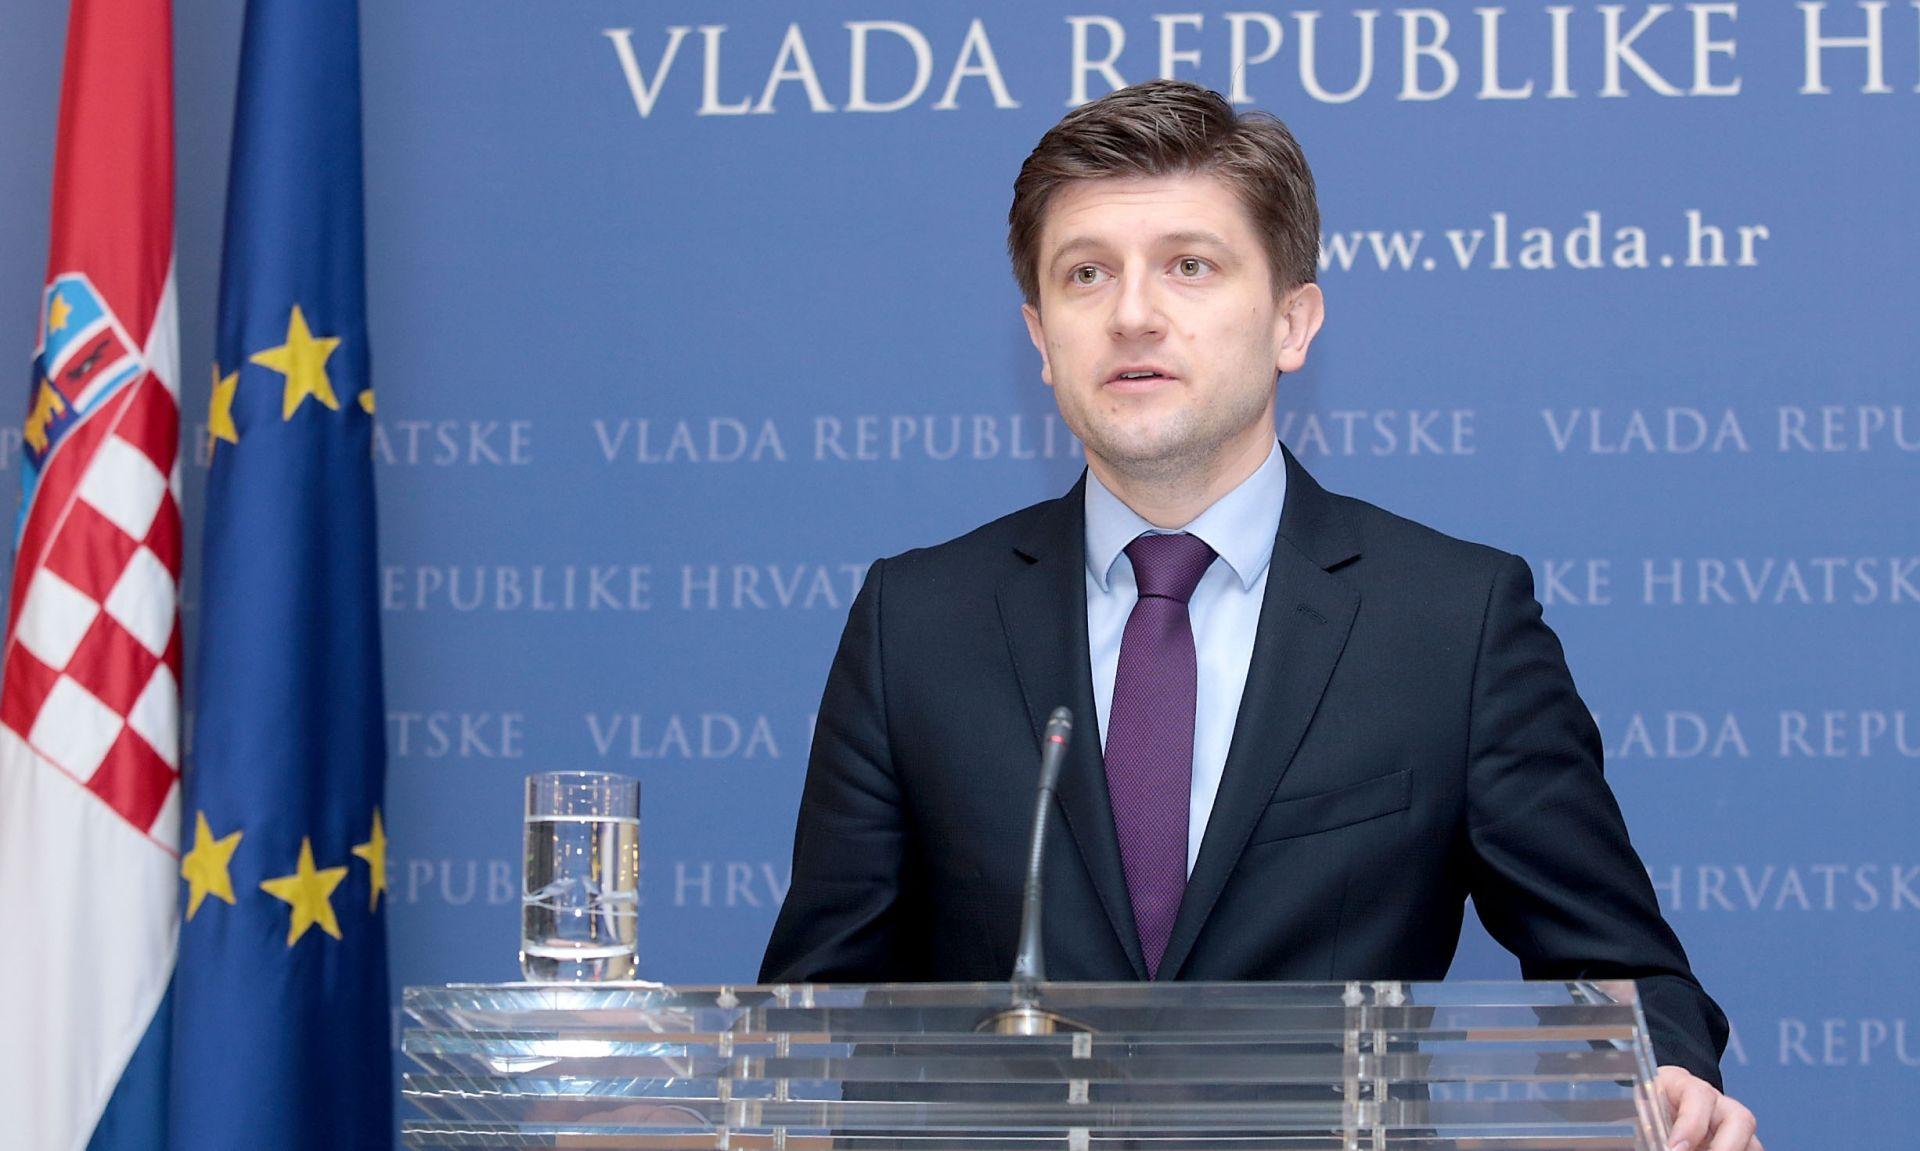 Ministar Zdravko Marić o proračunu: Dolazi do smanjivanja naknada socijali